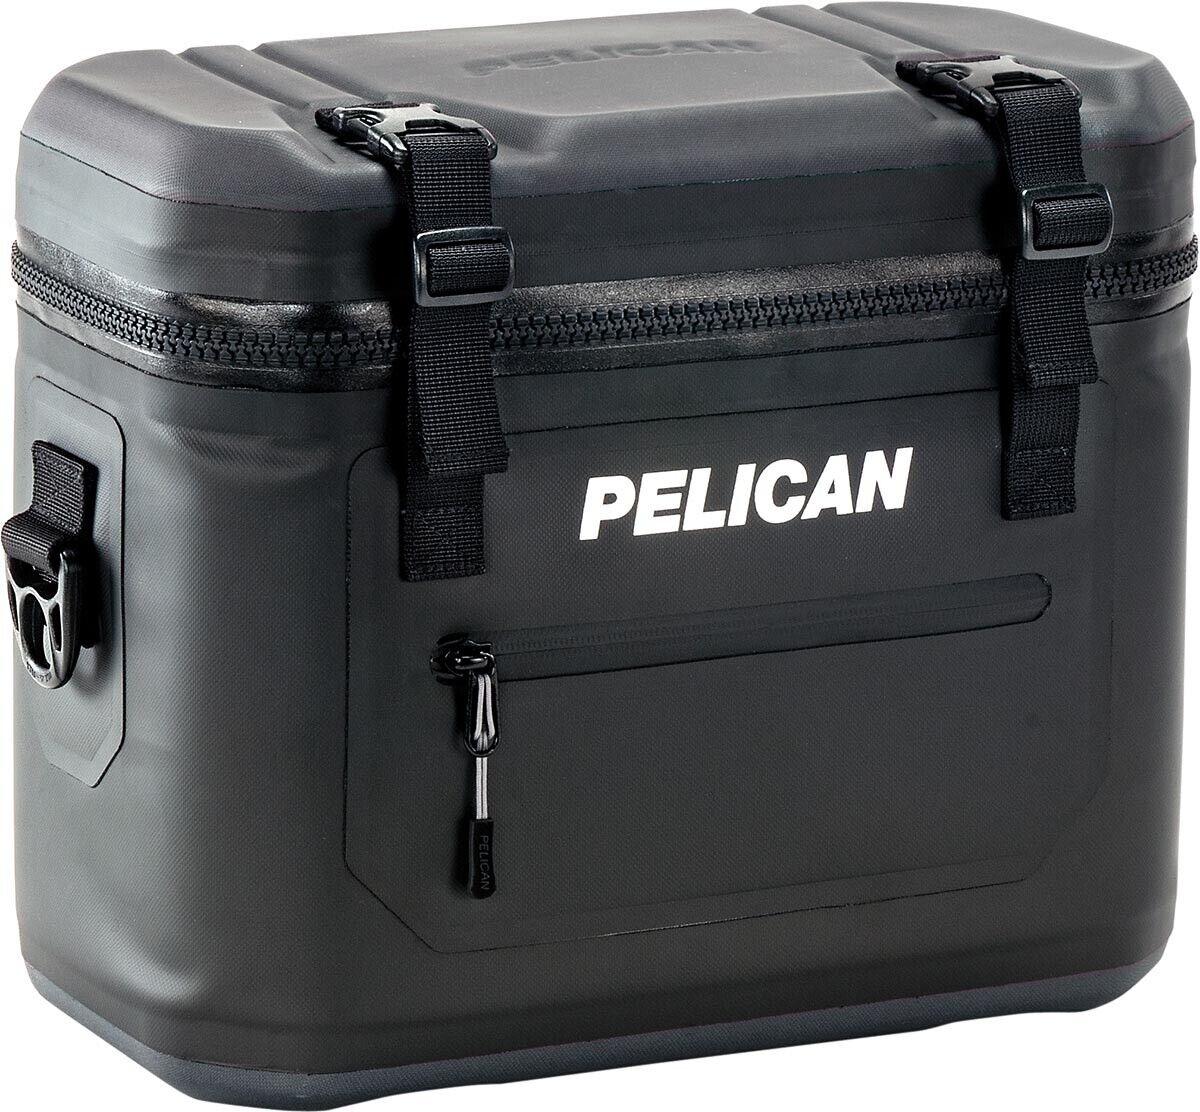 Pelican Elite Soft Cooler SC12 12 Can Capacity 13QT 100% Lea